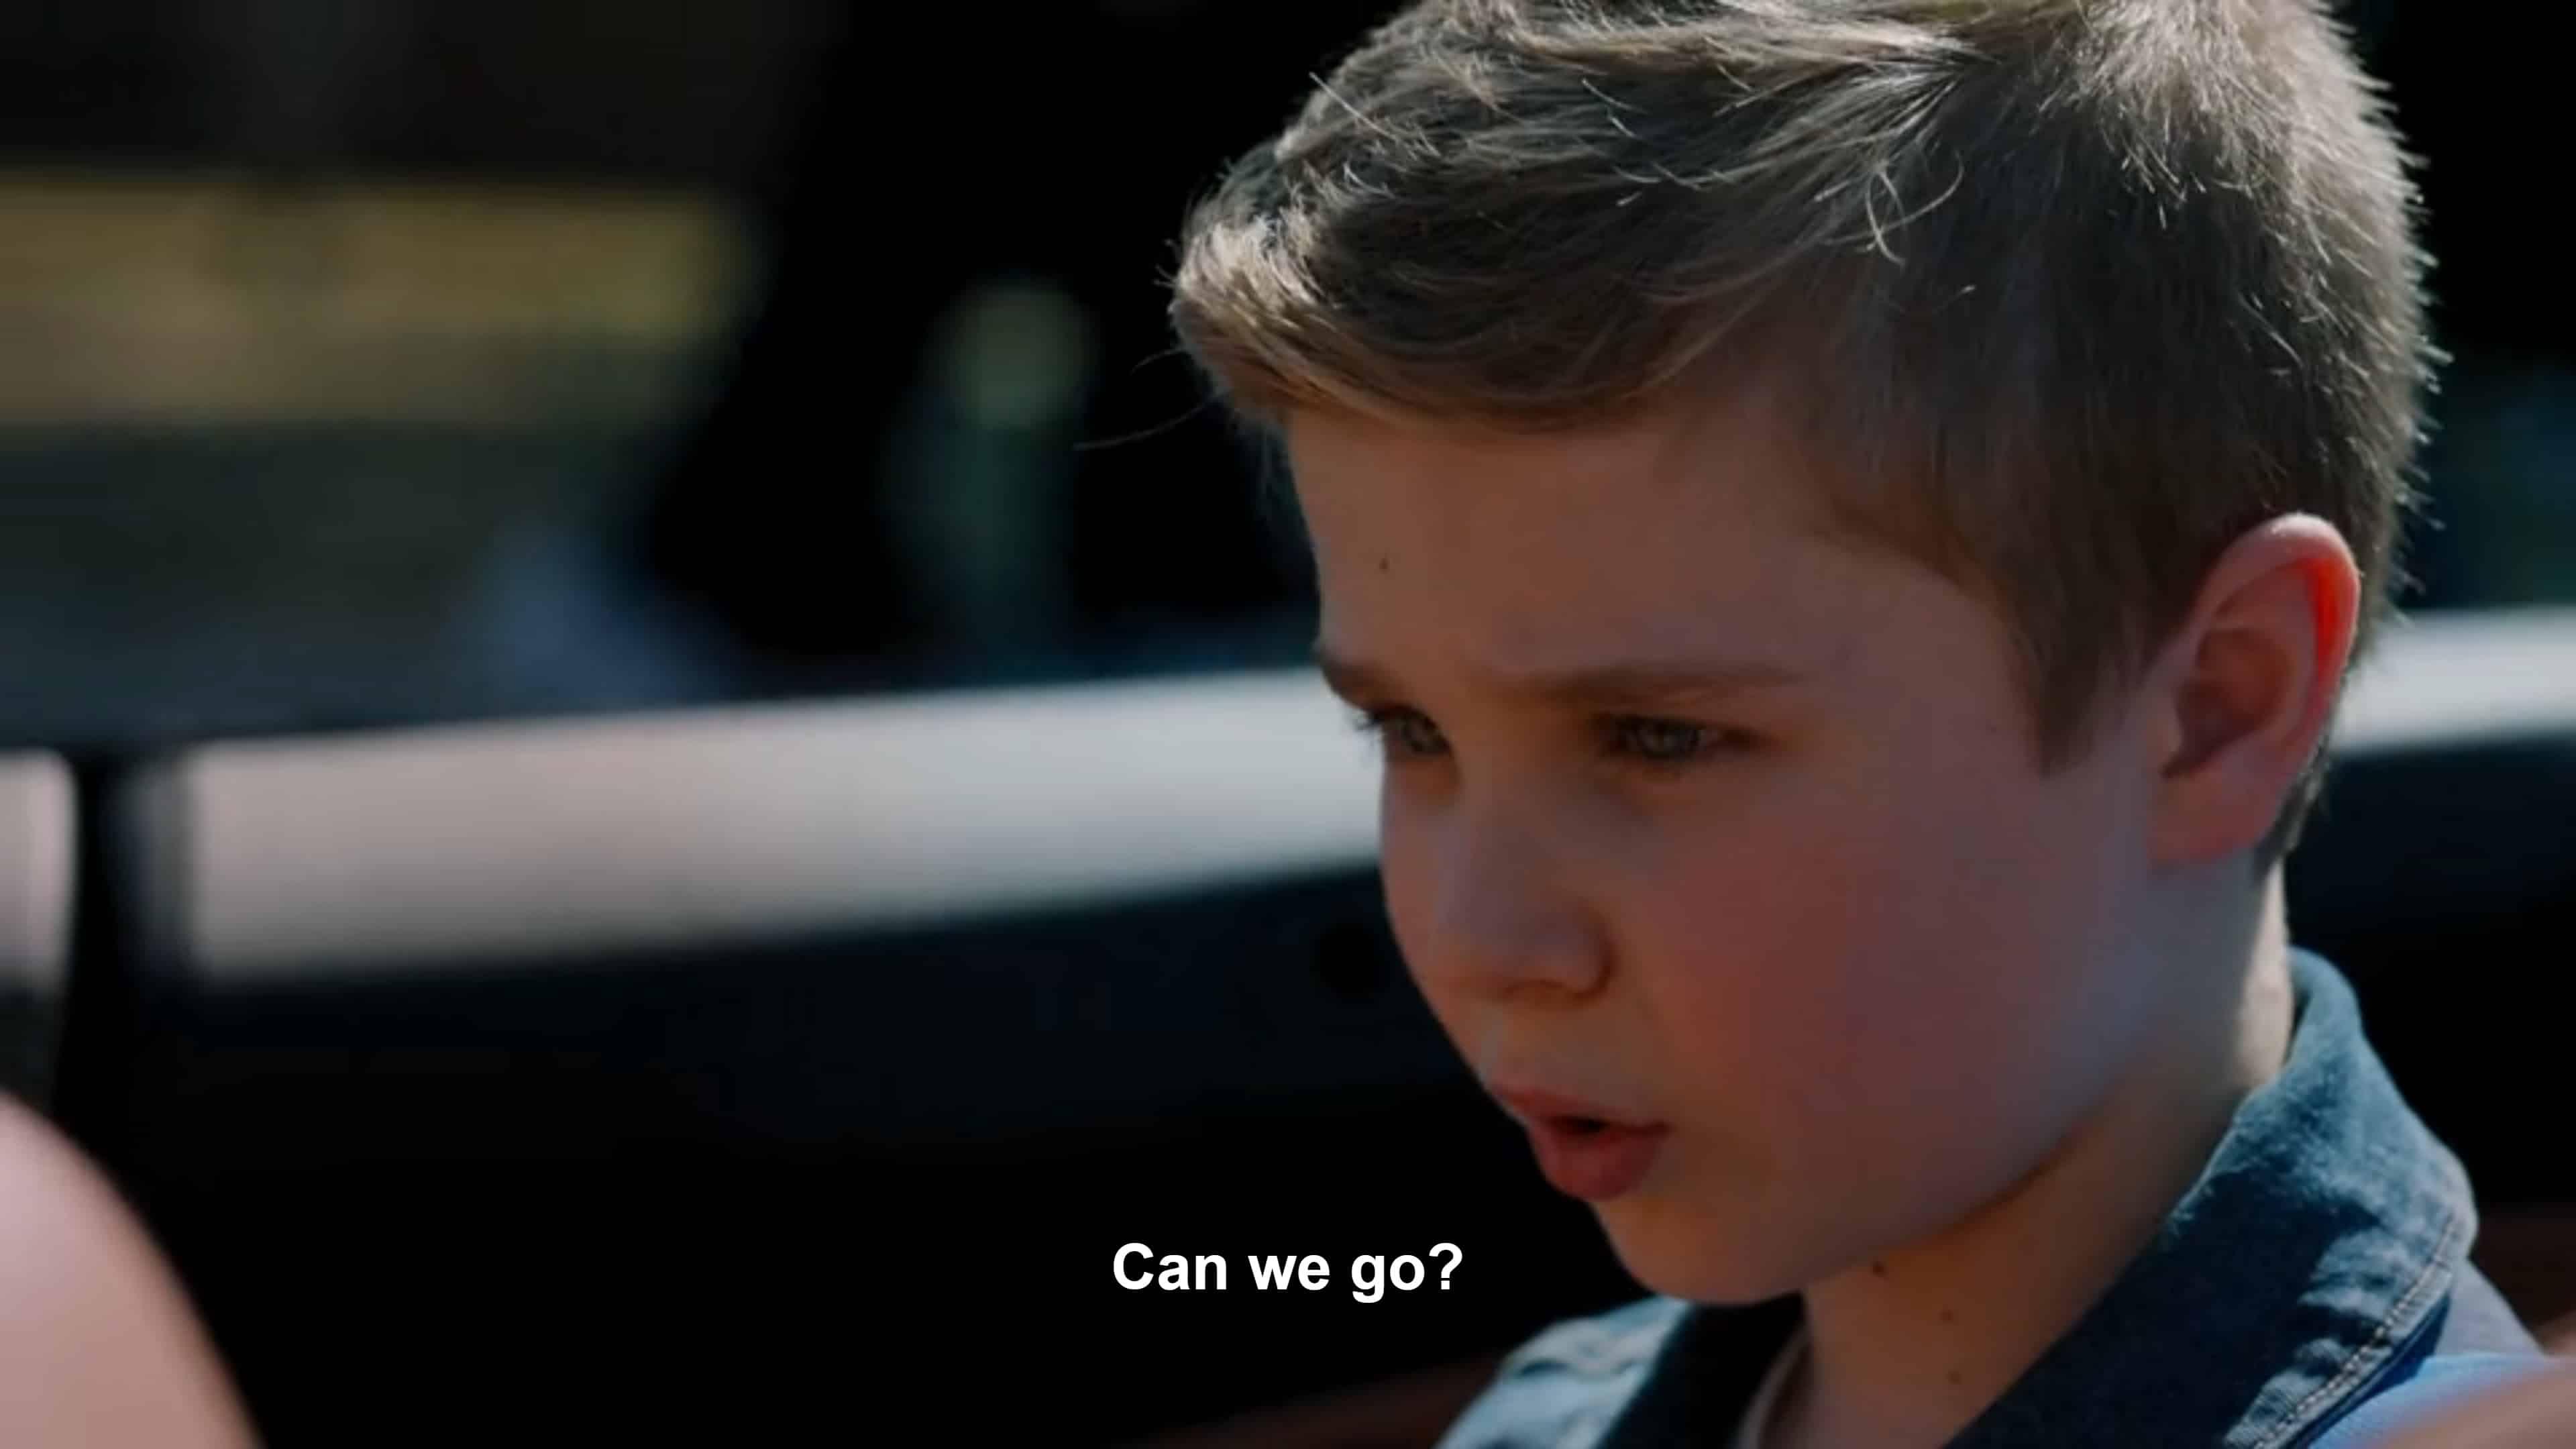 Austin (Diesel La Torraca) getting picked up from school